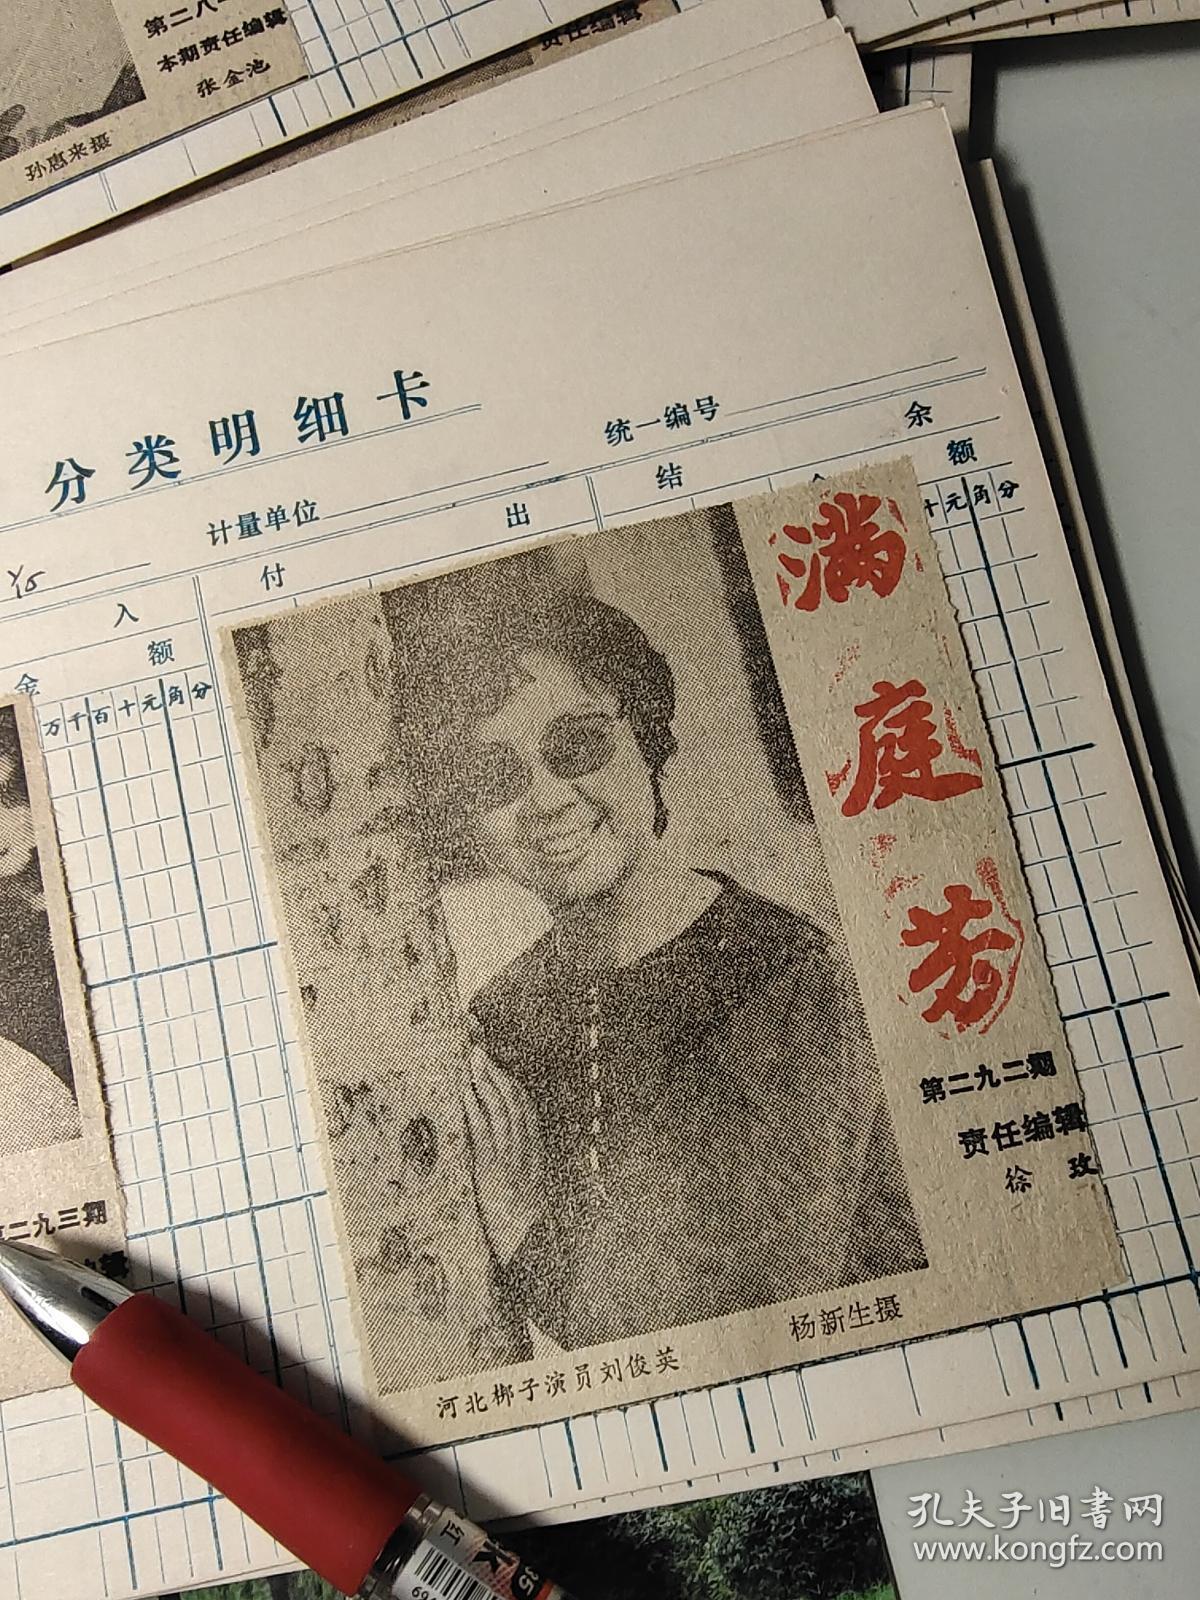 河北梆子演员刘俊英、刘俊英,天津人。第二批国家级非物质文化遗产项目河北梆子代表性传承人,国家一级演员。